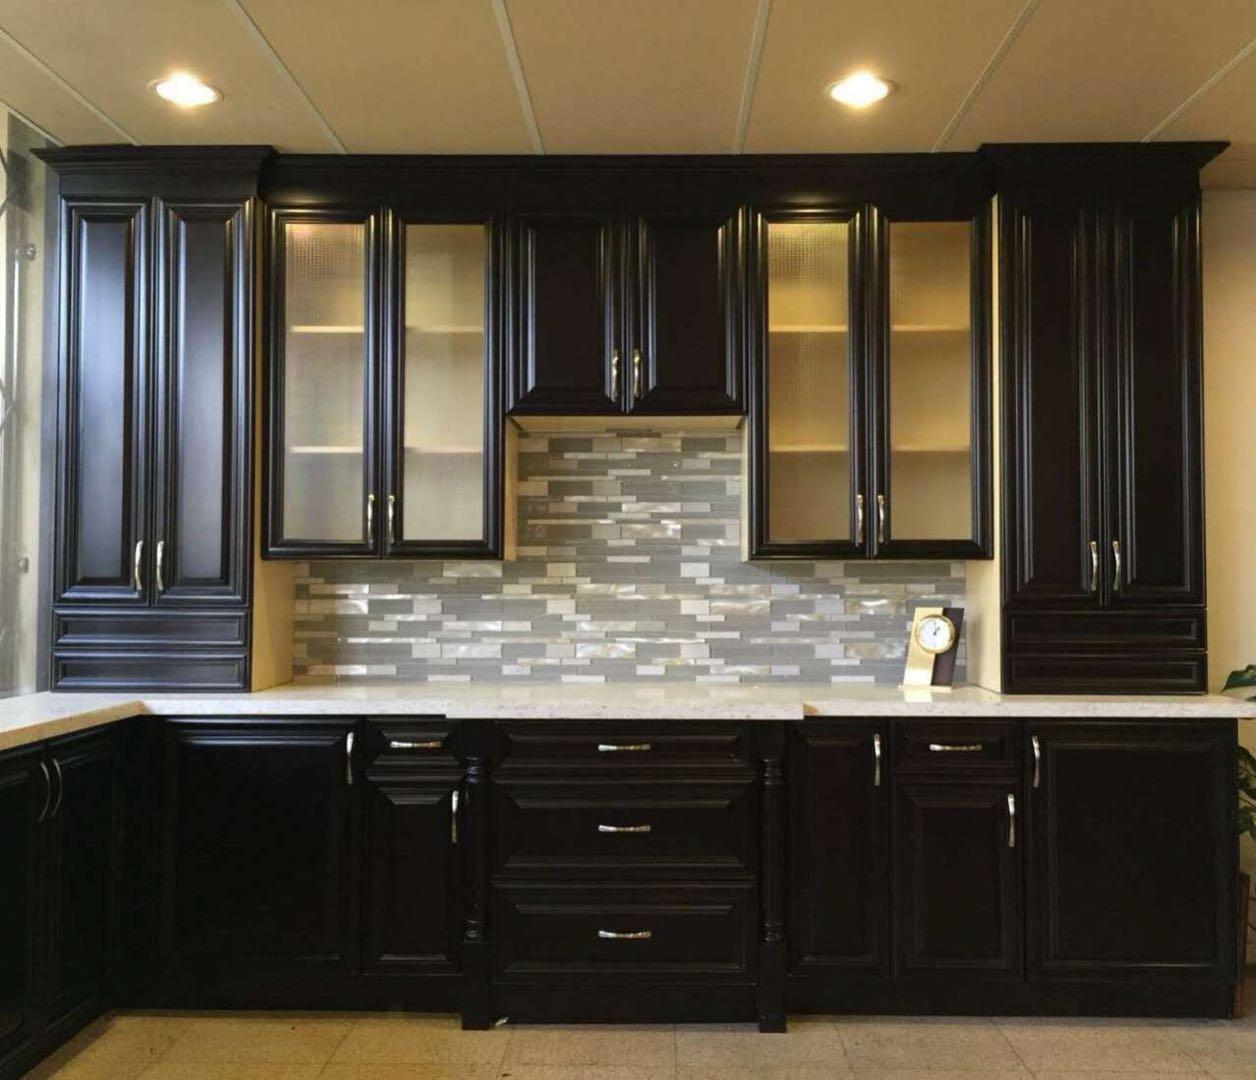 APEX Kitchen Cabinet and Granite Countertop image 4